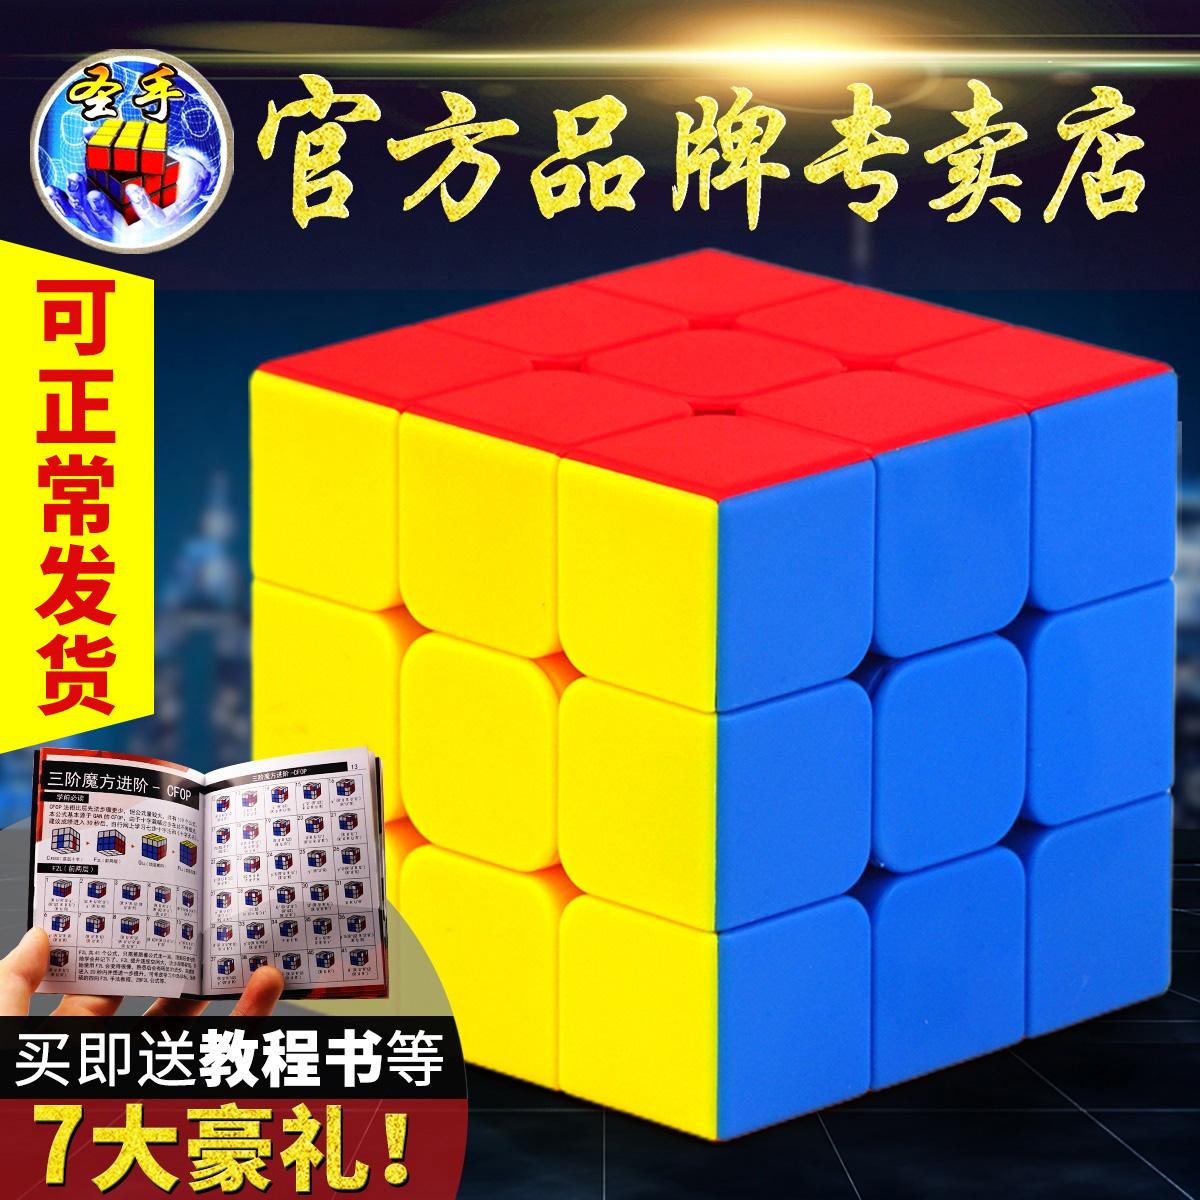 圣手3阶三阶2二4四5五阶宝石彩色魔方专业比赛初学者益智减压玩具